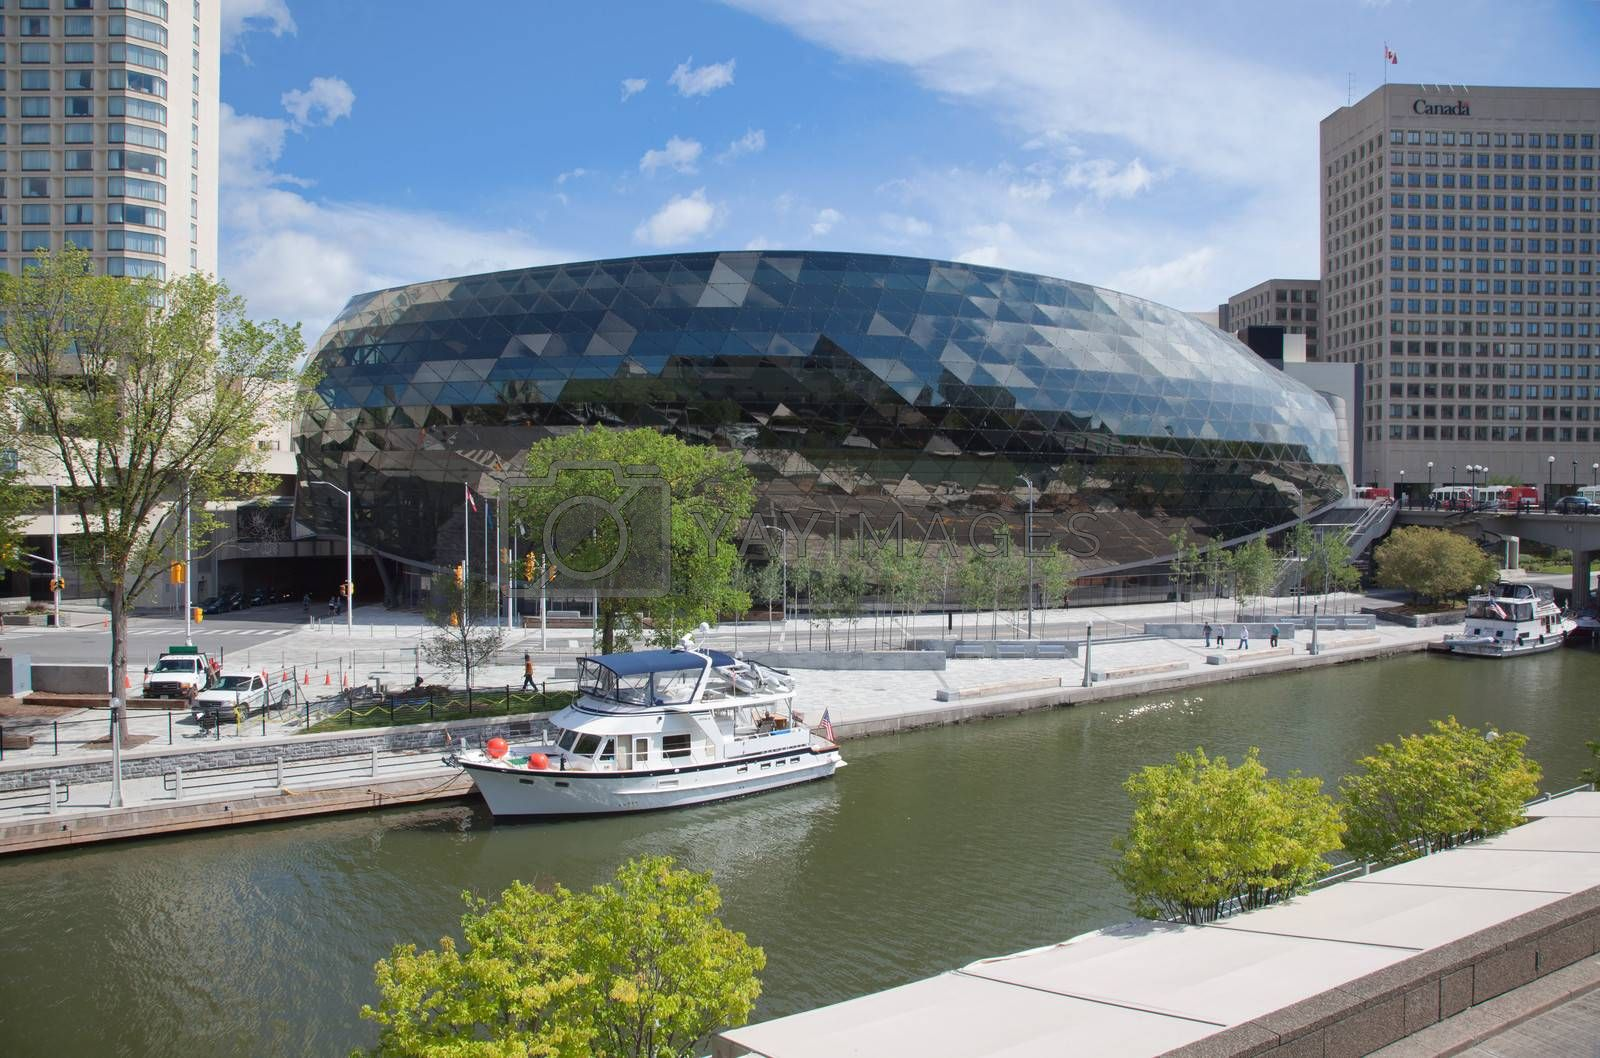 The Convention Centre in Ottawa, Ontario, Canada.